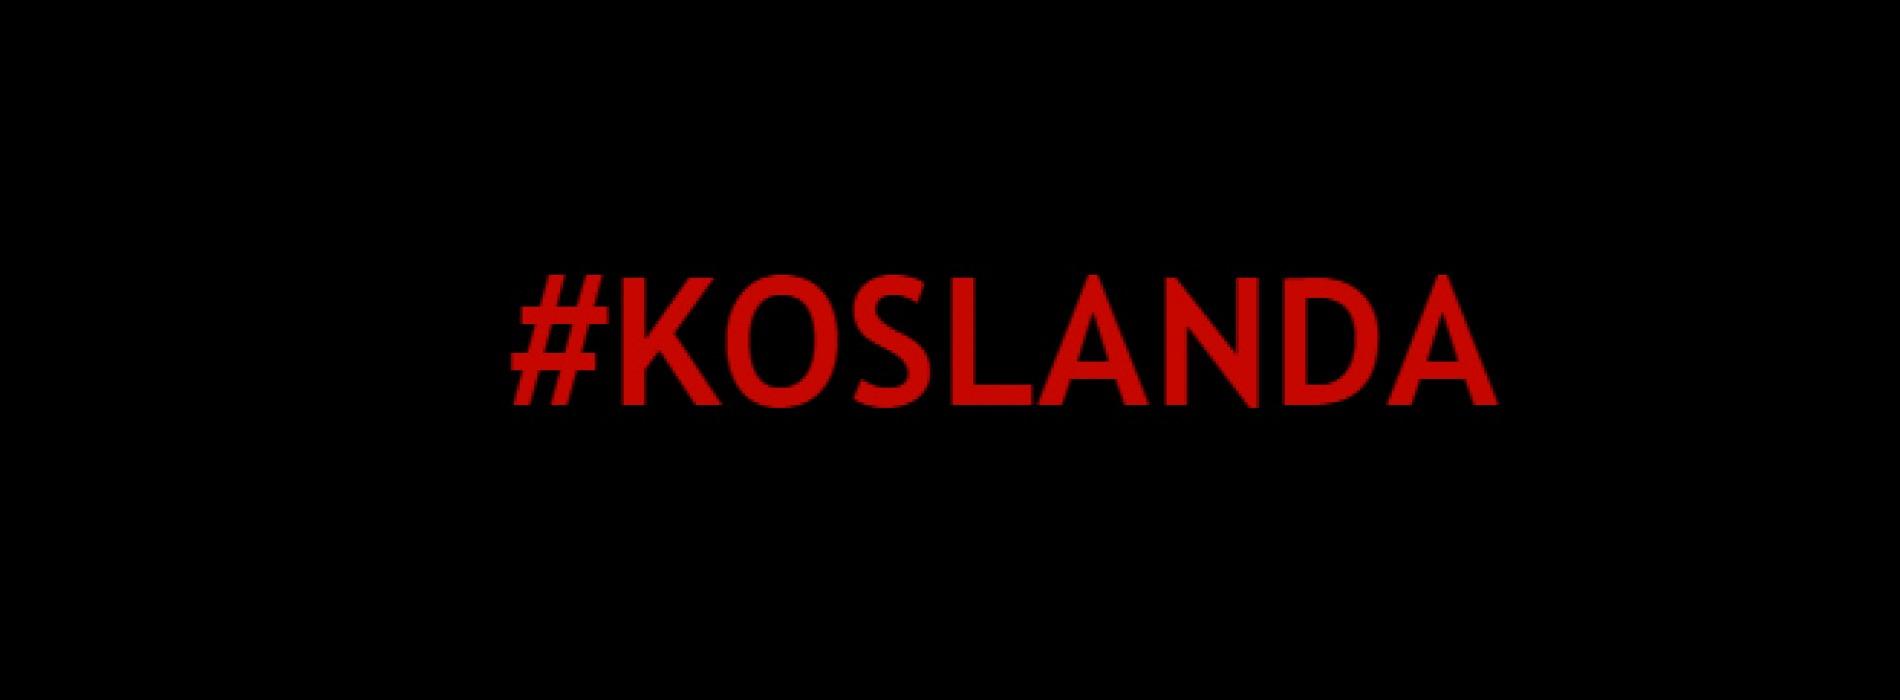 Your Help Needed #Koslanda